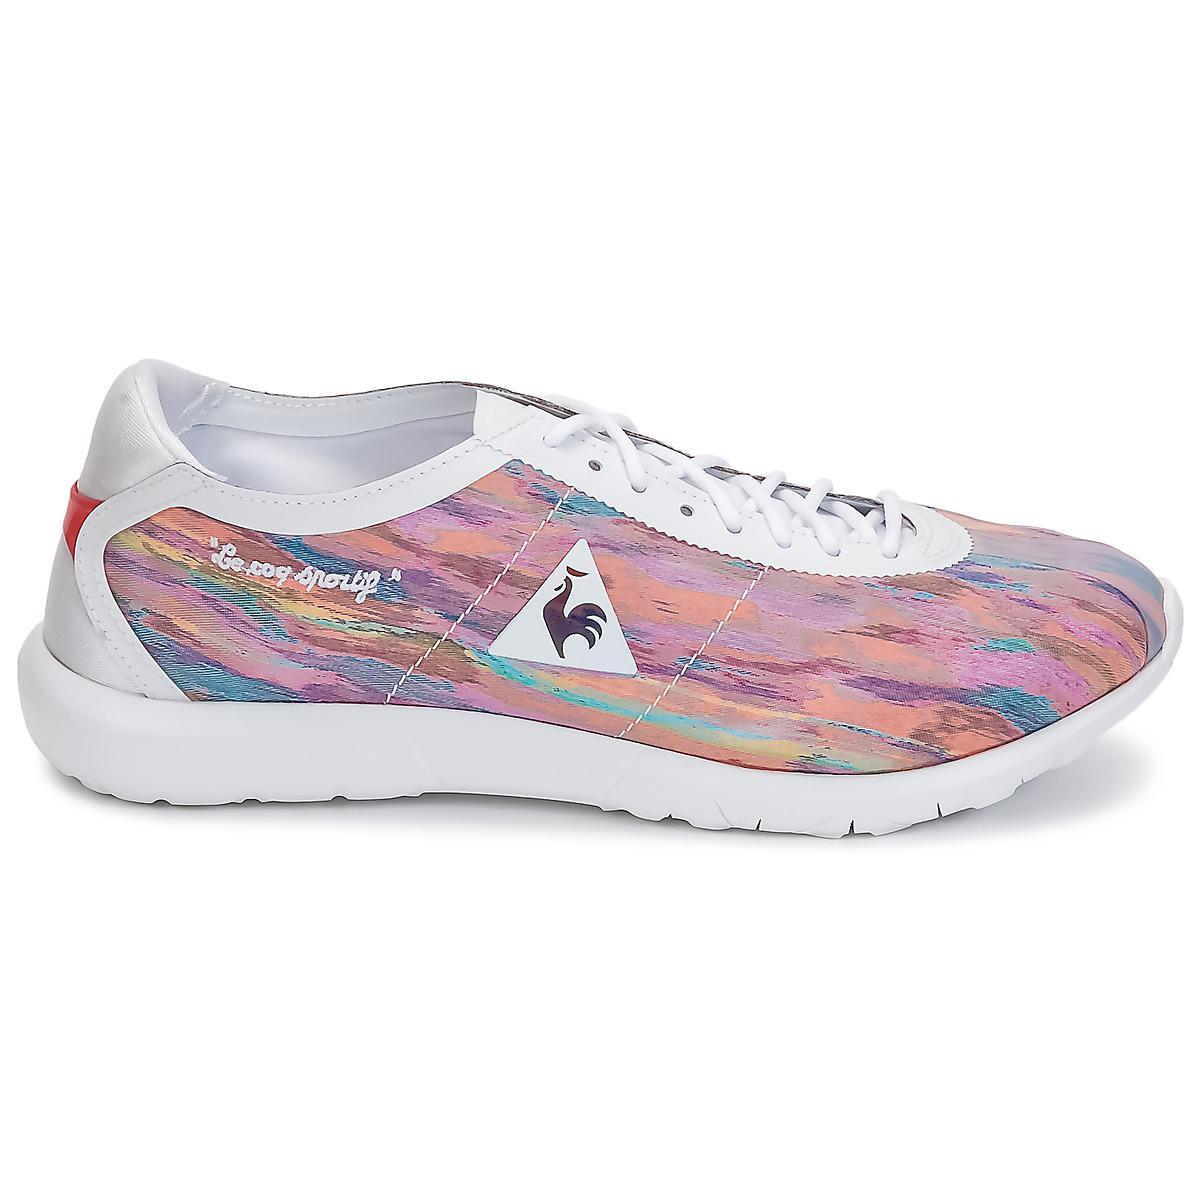 06e97693de1e Le Coq Sportif - Multicolor Wendon Levity Woman Pastel Cloud Jacquard Shoes  (trainers) -. View fullscreen